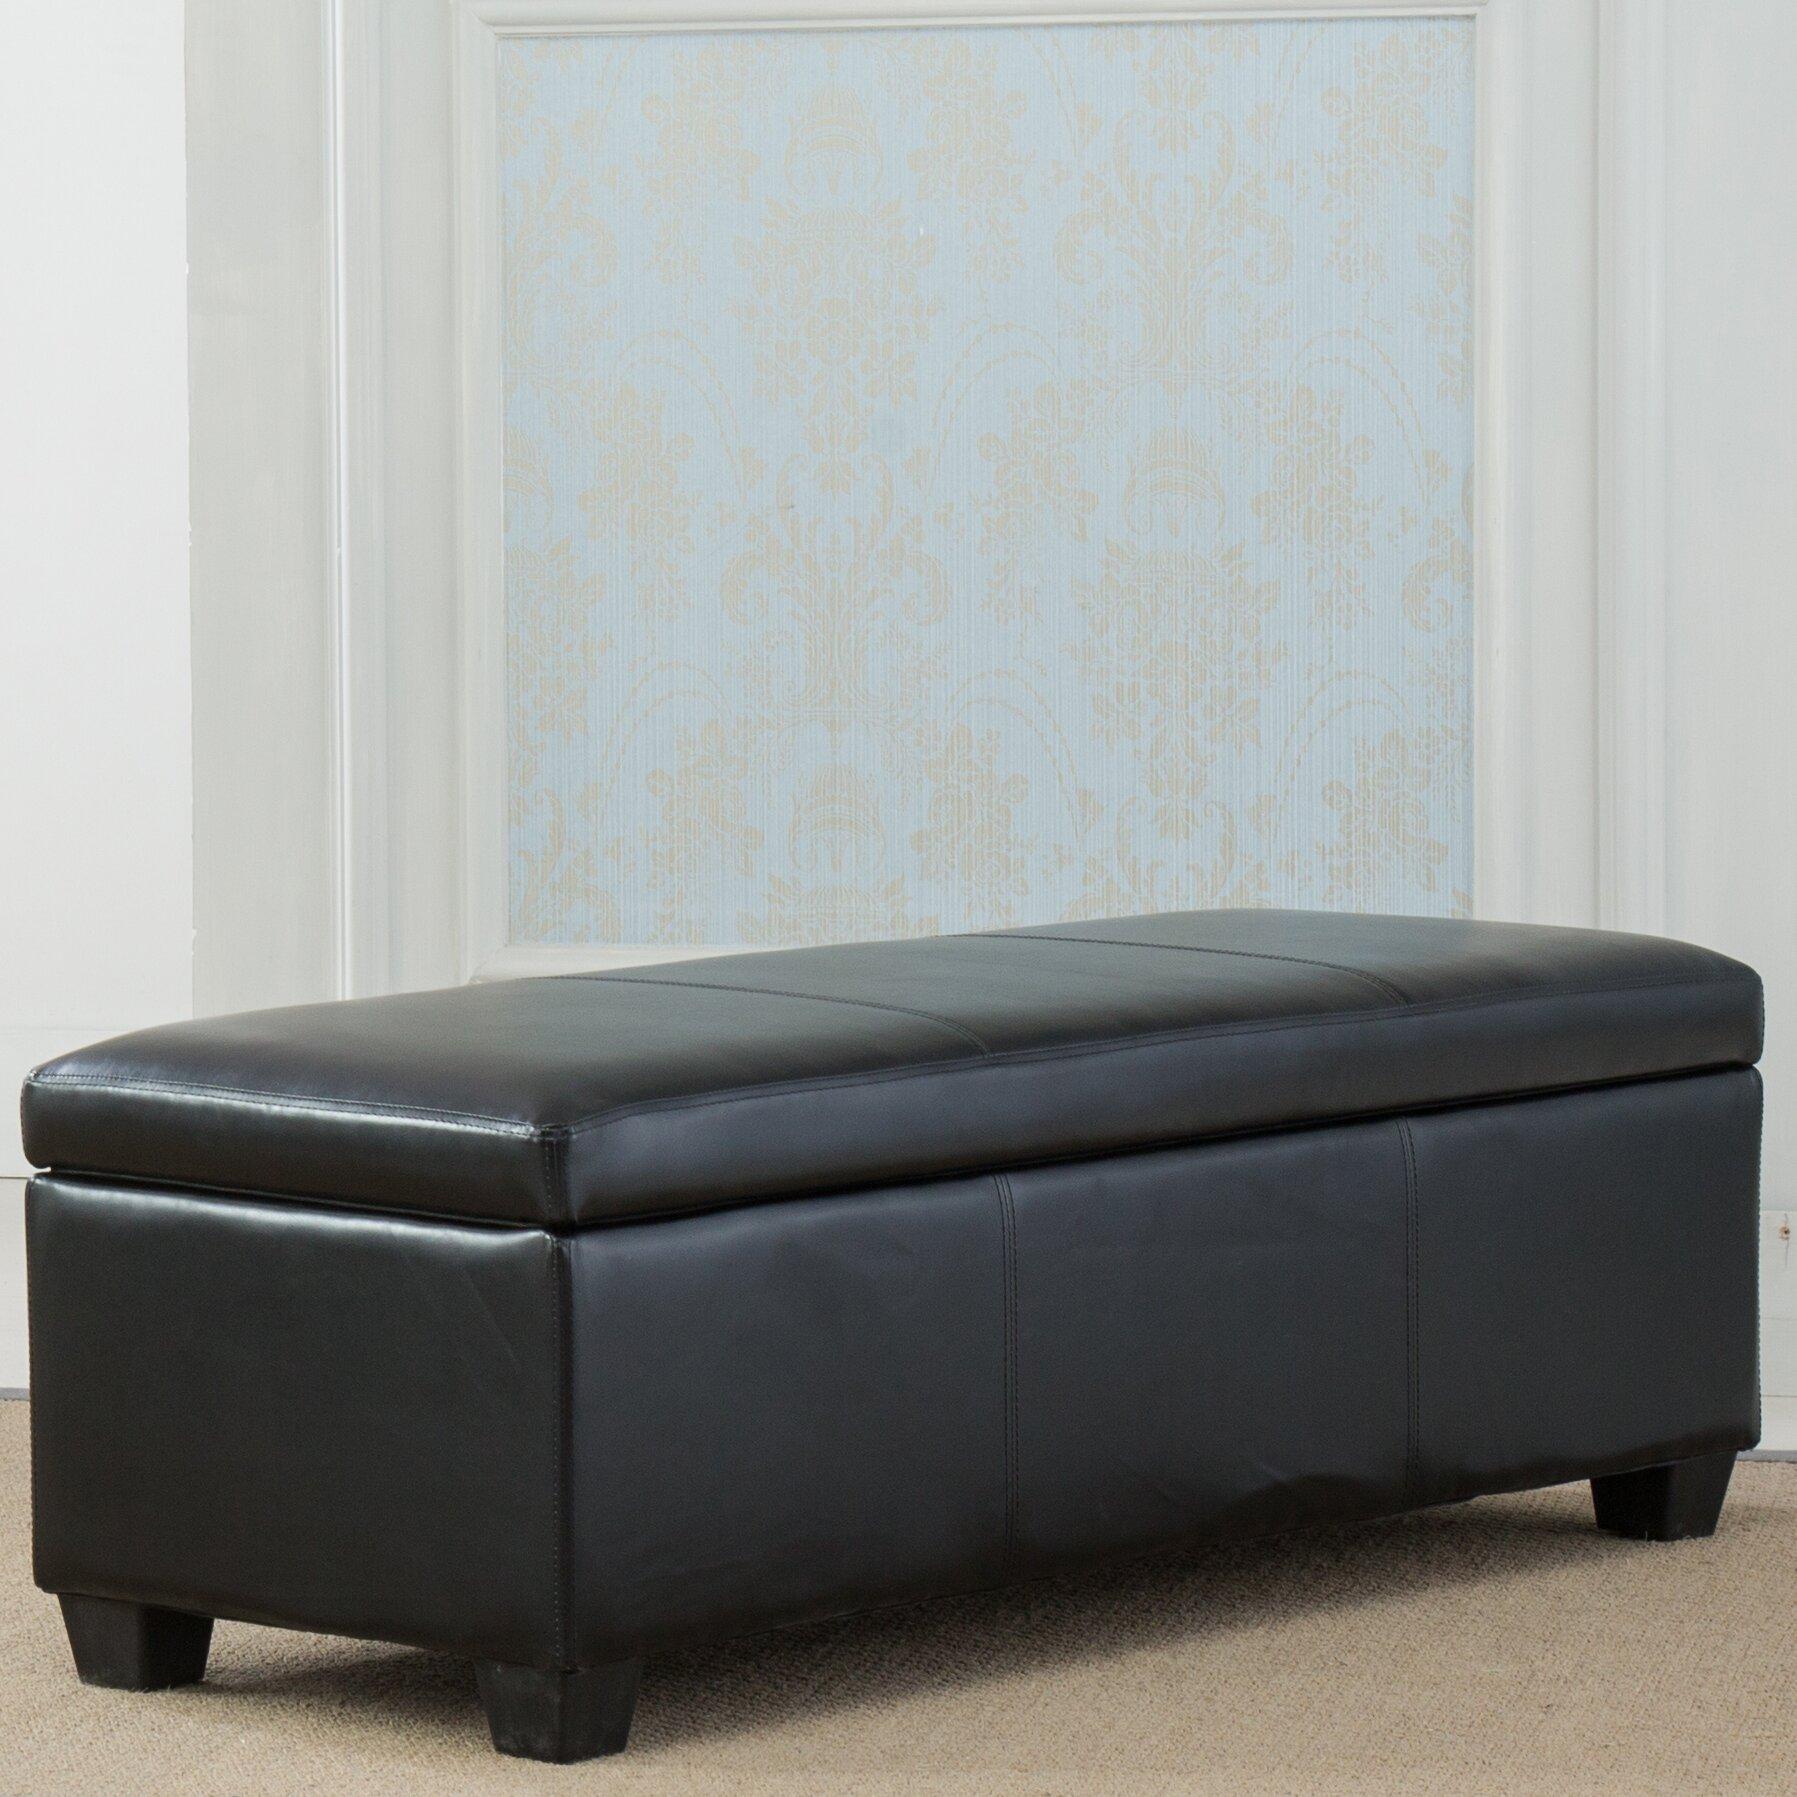 Belleze Upholstered Storage Bedroom Bench Reviews